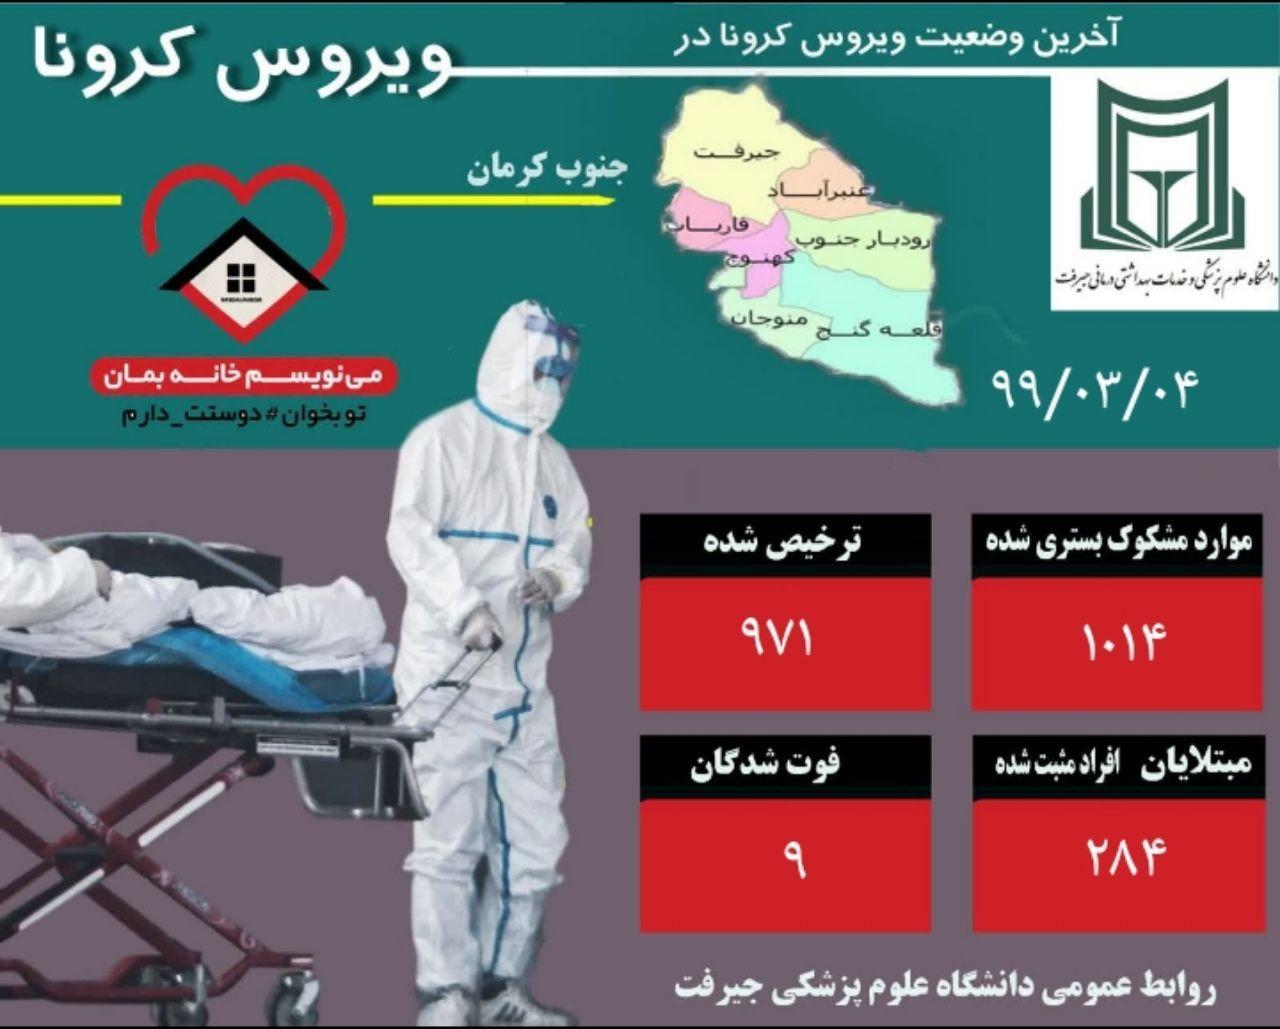 گزارش آخرین وضعیت بیماری کرونا ویروس در جنوب کرمان (4 خرداد)